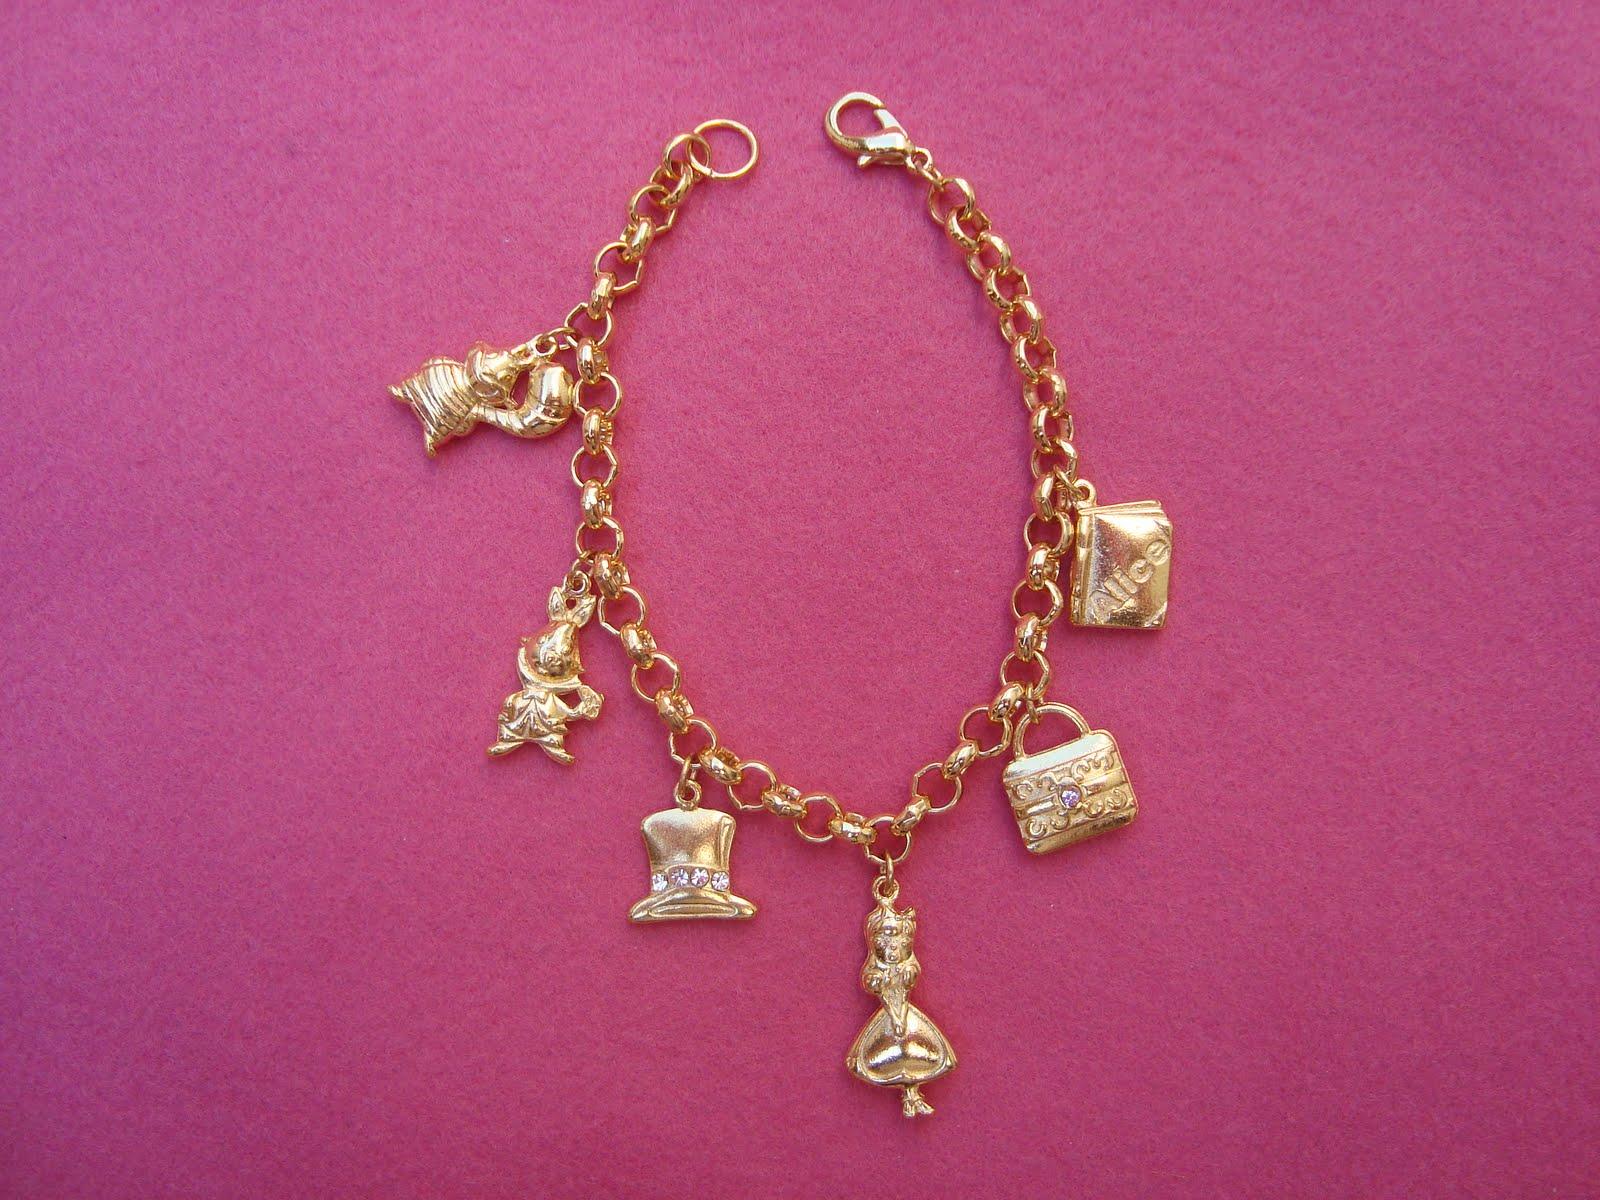 03fe097c60f Pulseira corrente dourada com berloques do tema Alice no Pais das Maravilhas